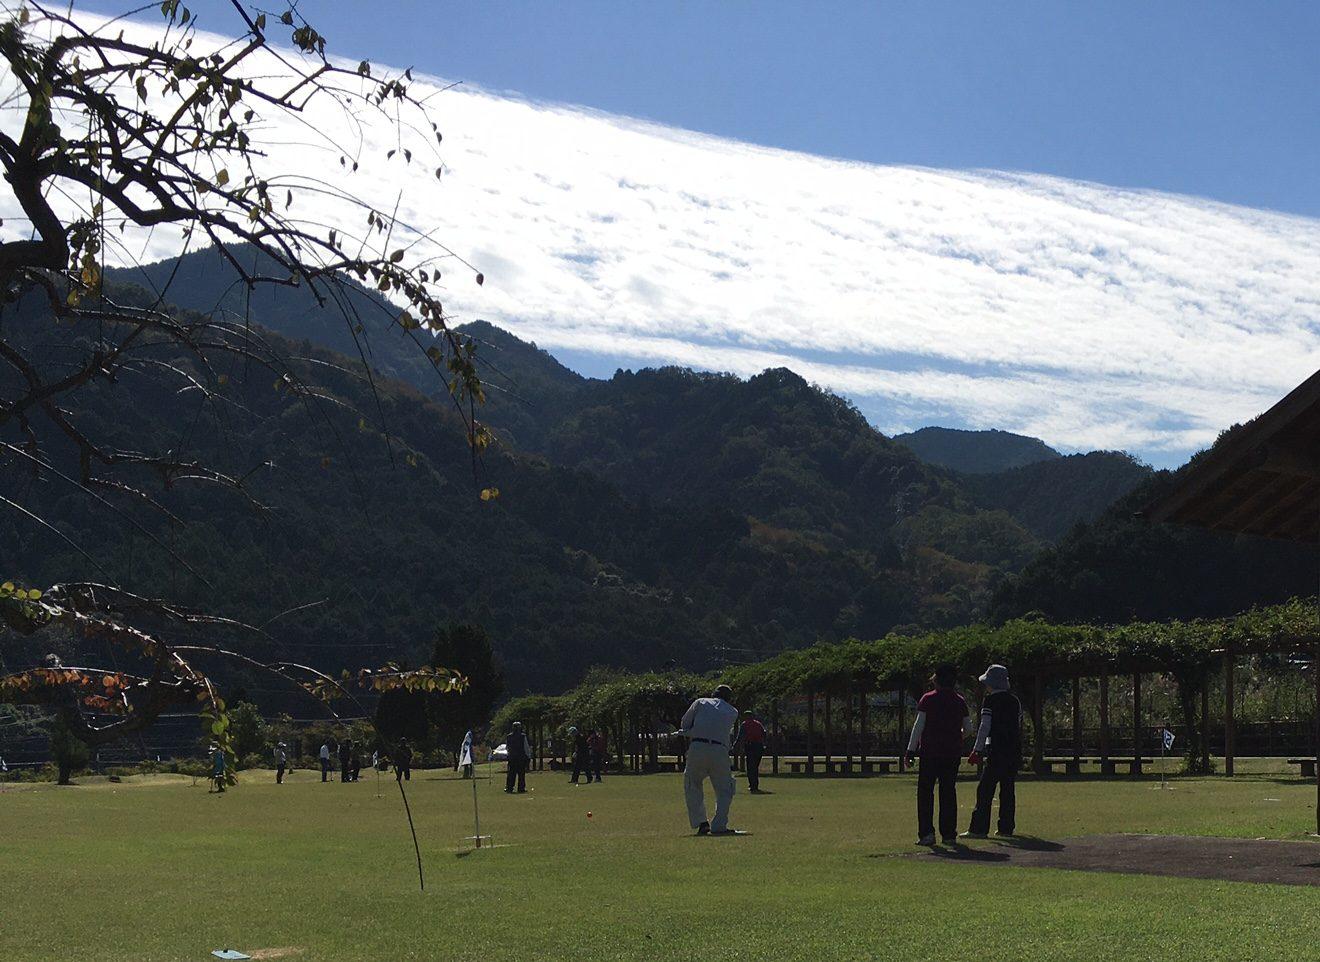 グラウンドゴルフ日和